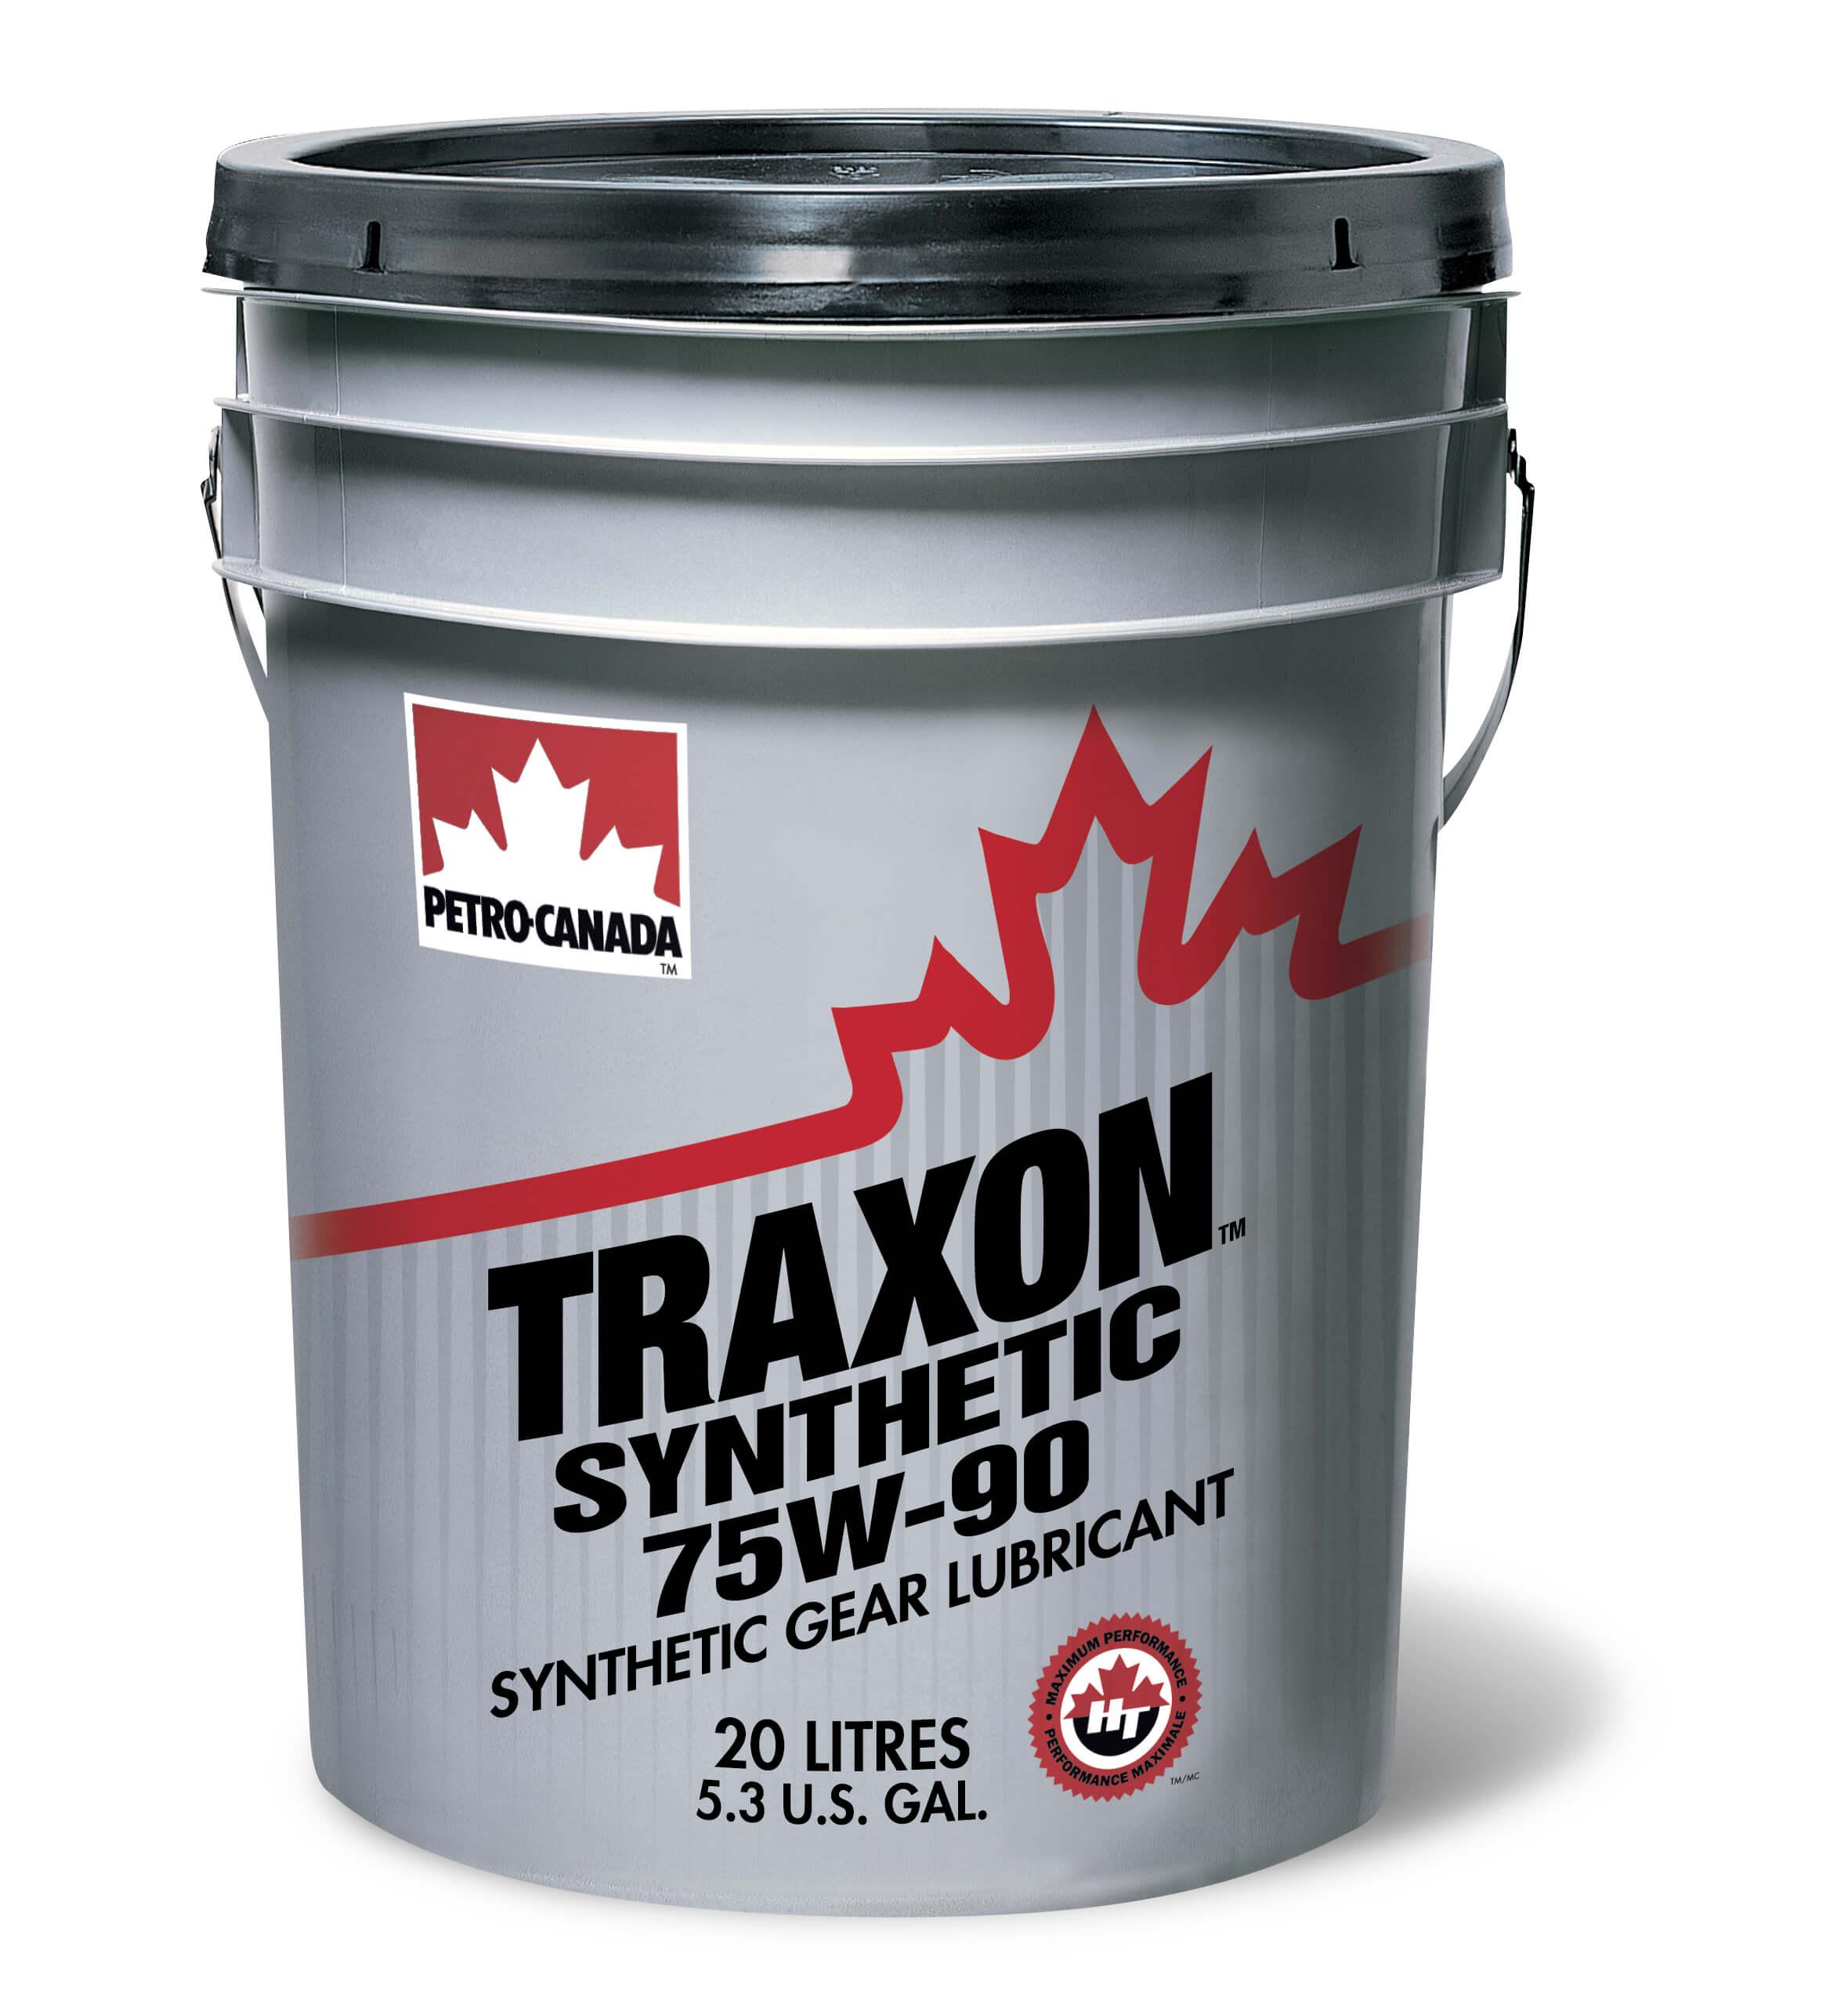 Petro-Canada Traxon Syn 75W90